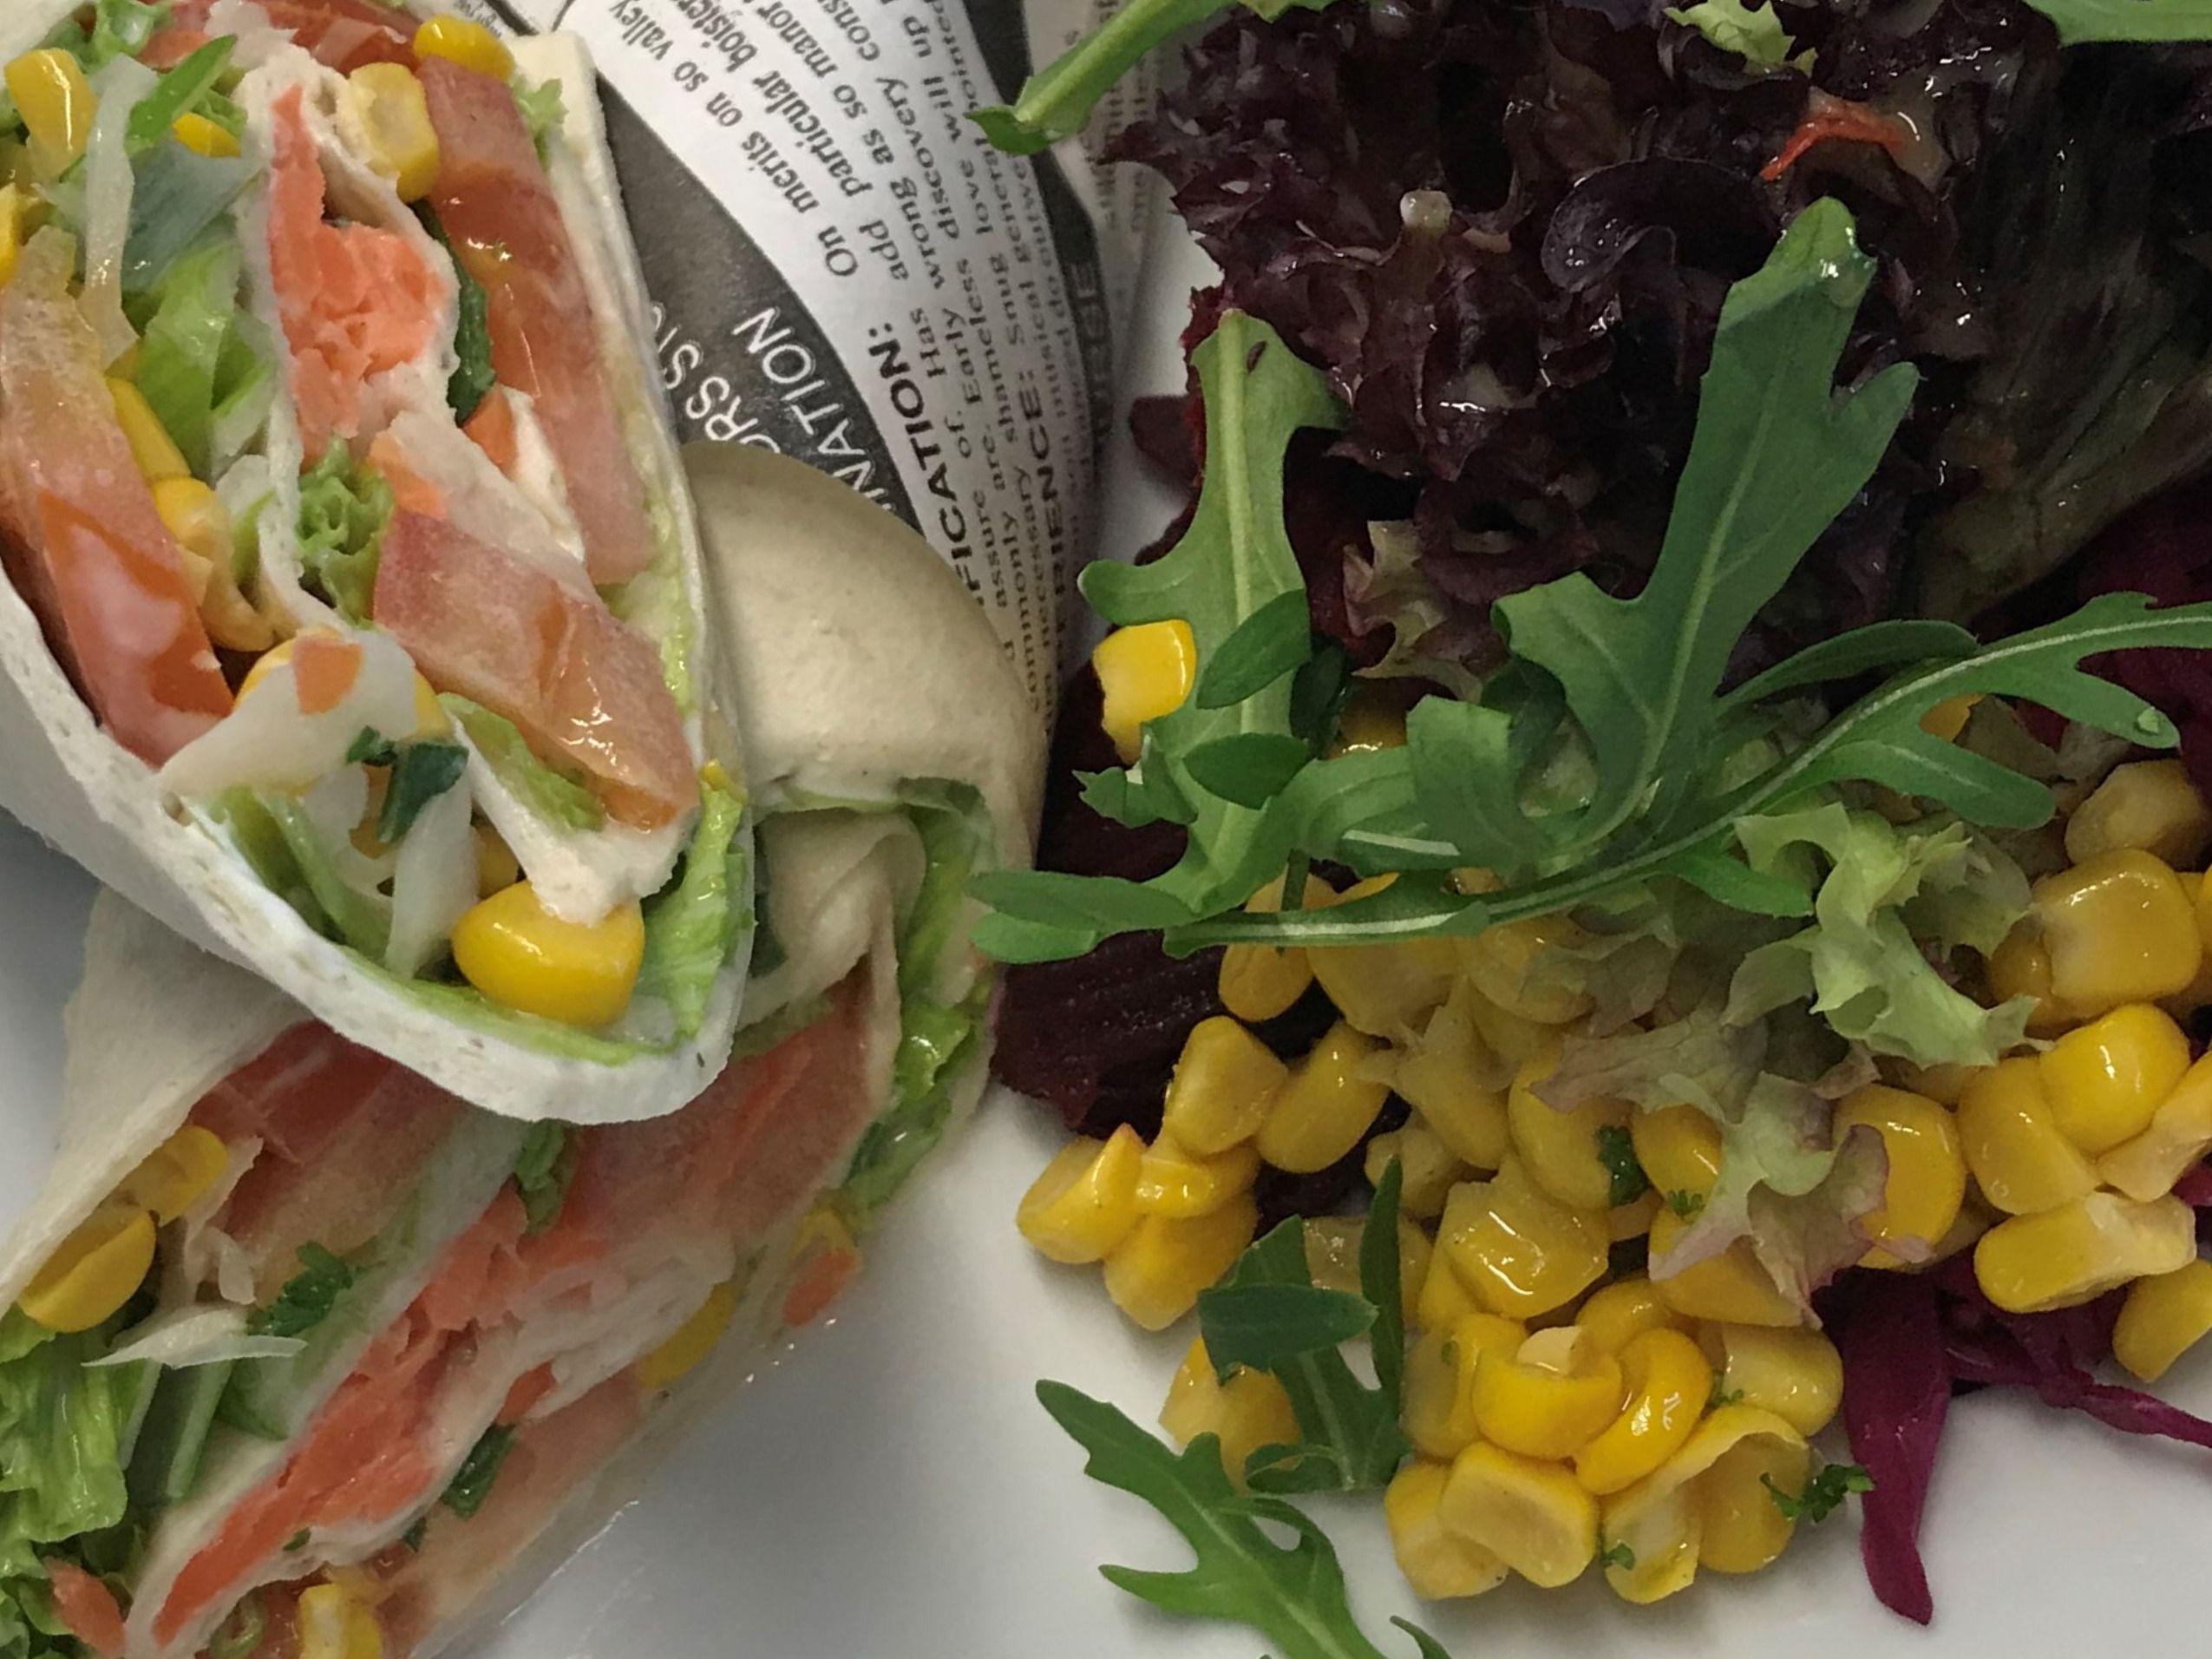 #Wrap it up | Deutsche küche, Lecker, Gastronomie